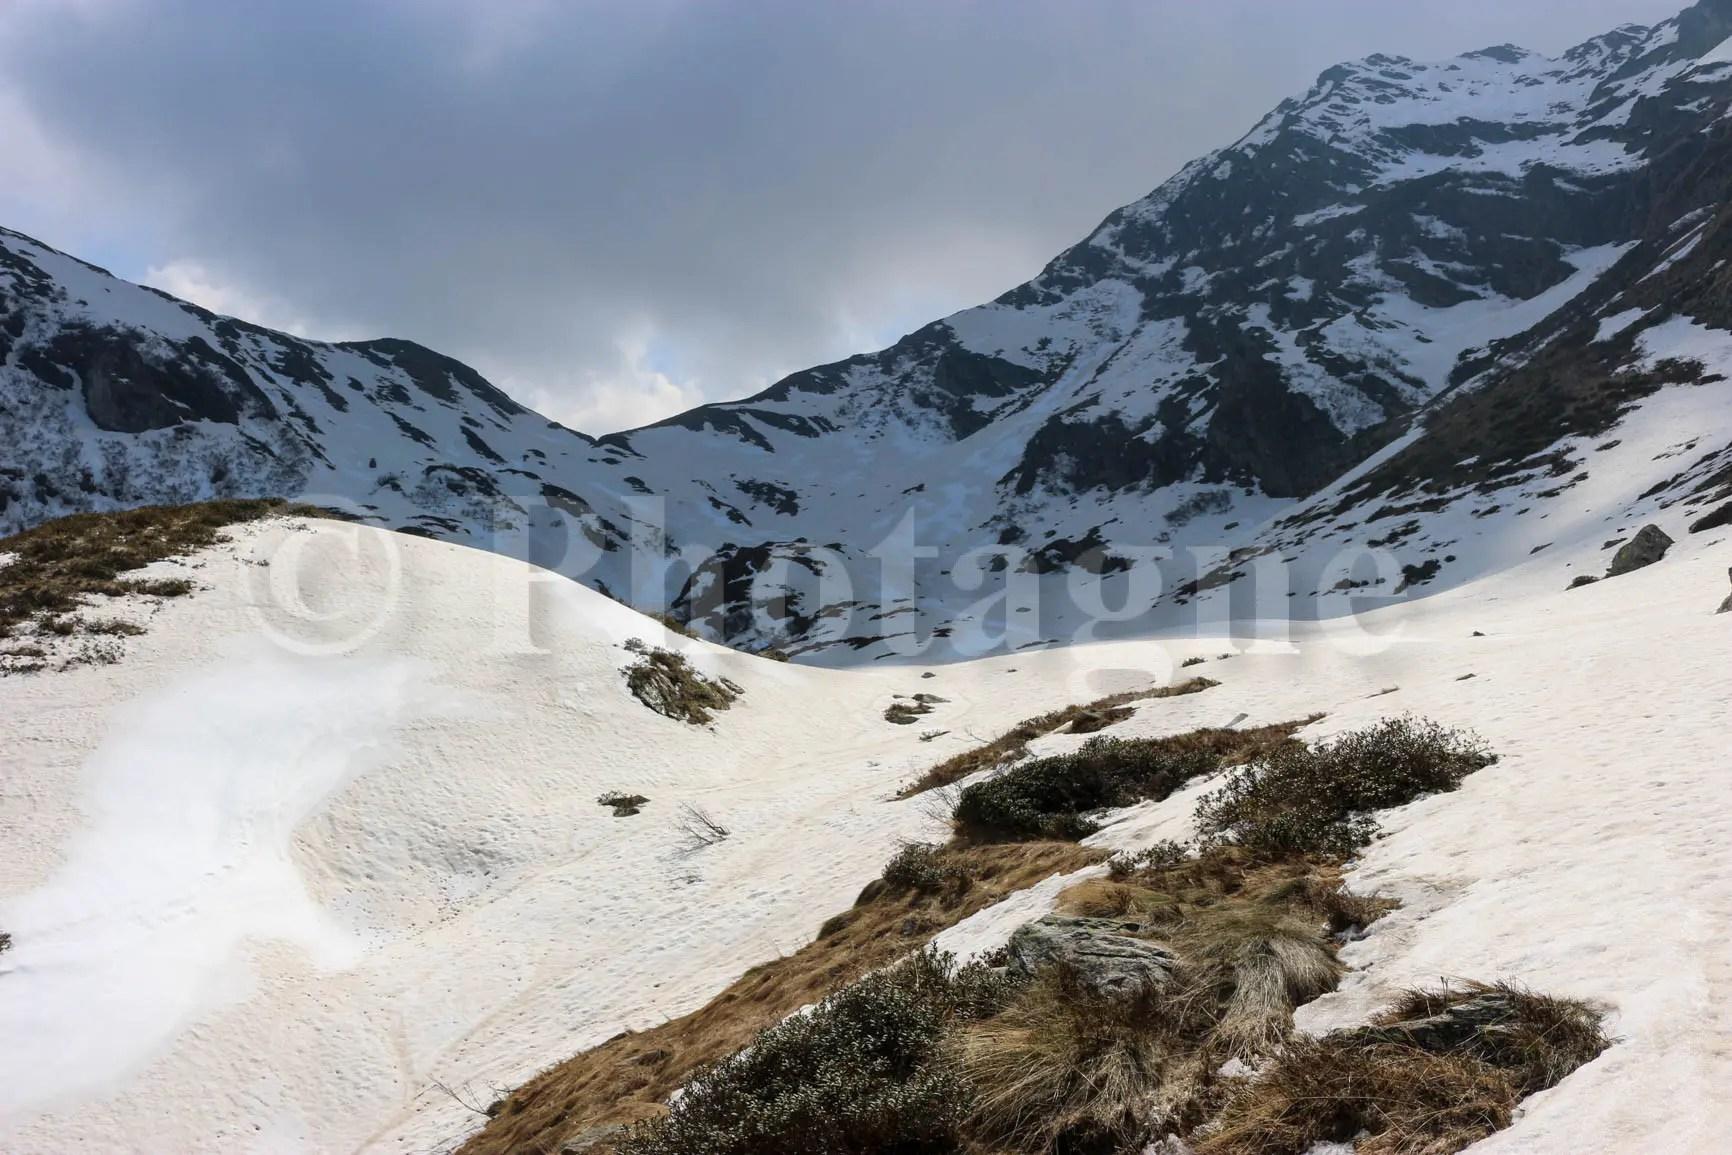 Un peu trop de neige pour continuer à la Punta dell'Usciolo